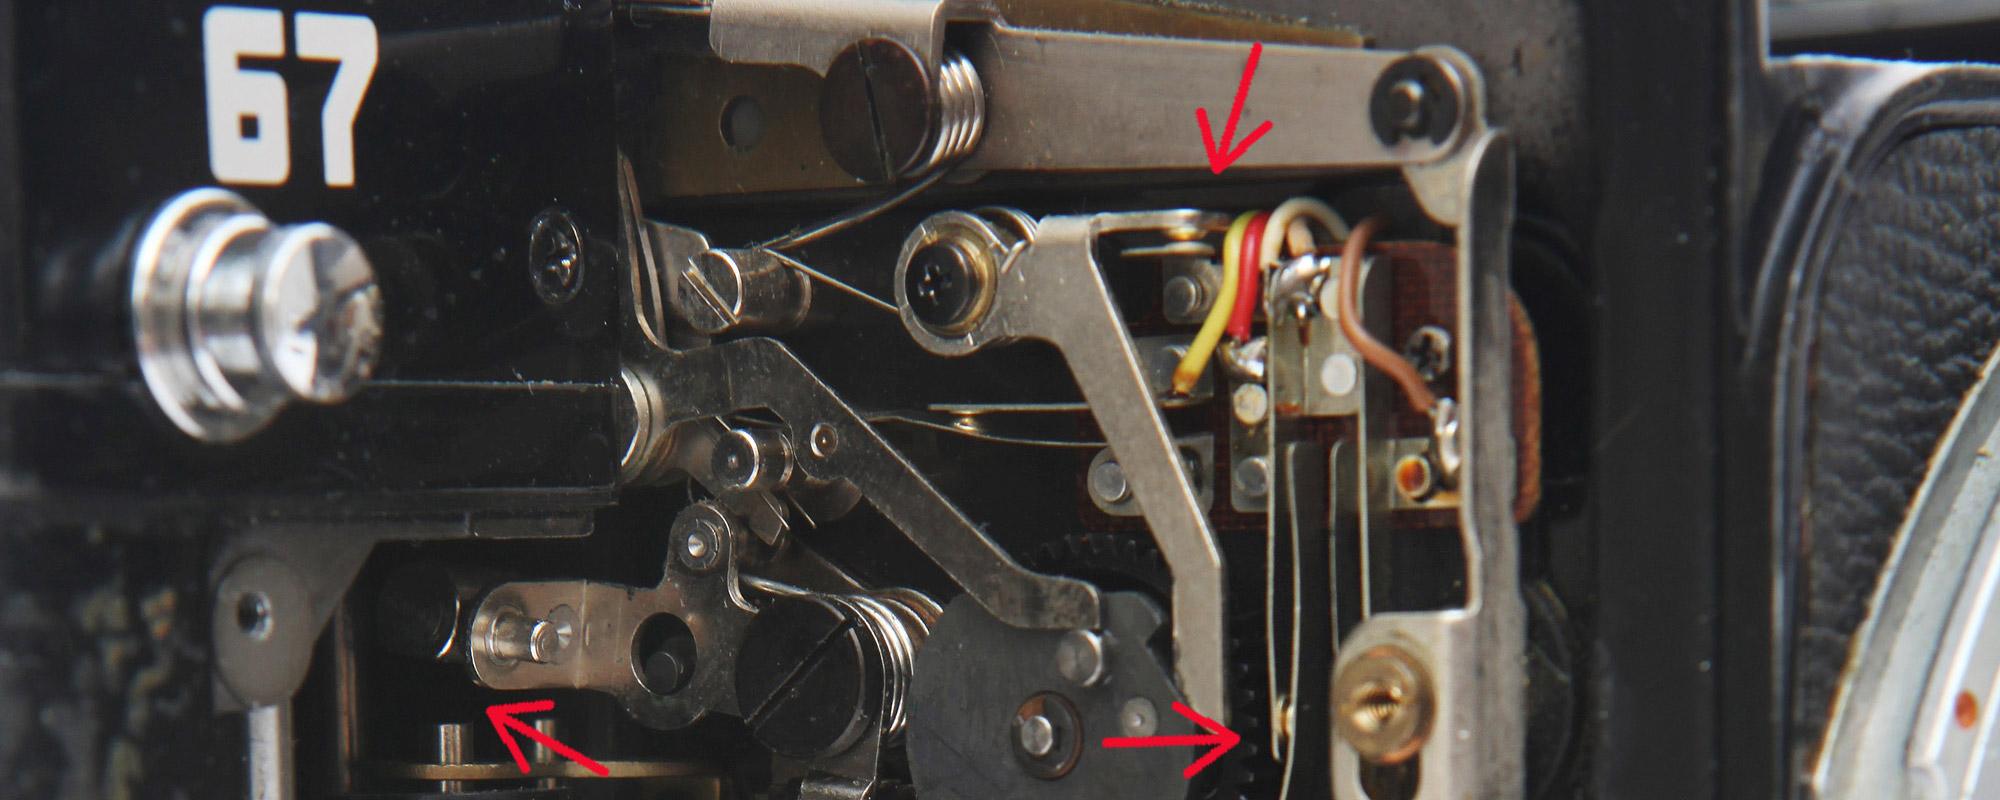 Pentax 67 MLU stuck mirror repair